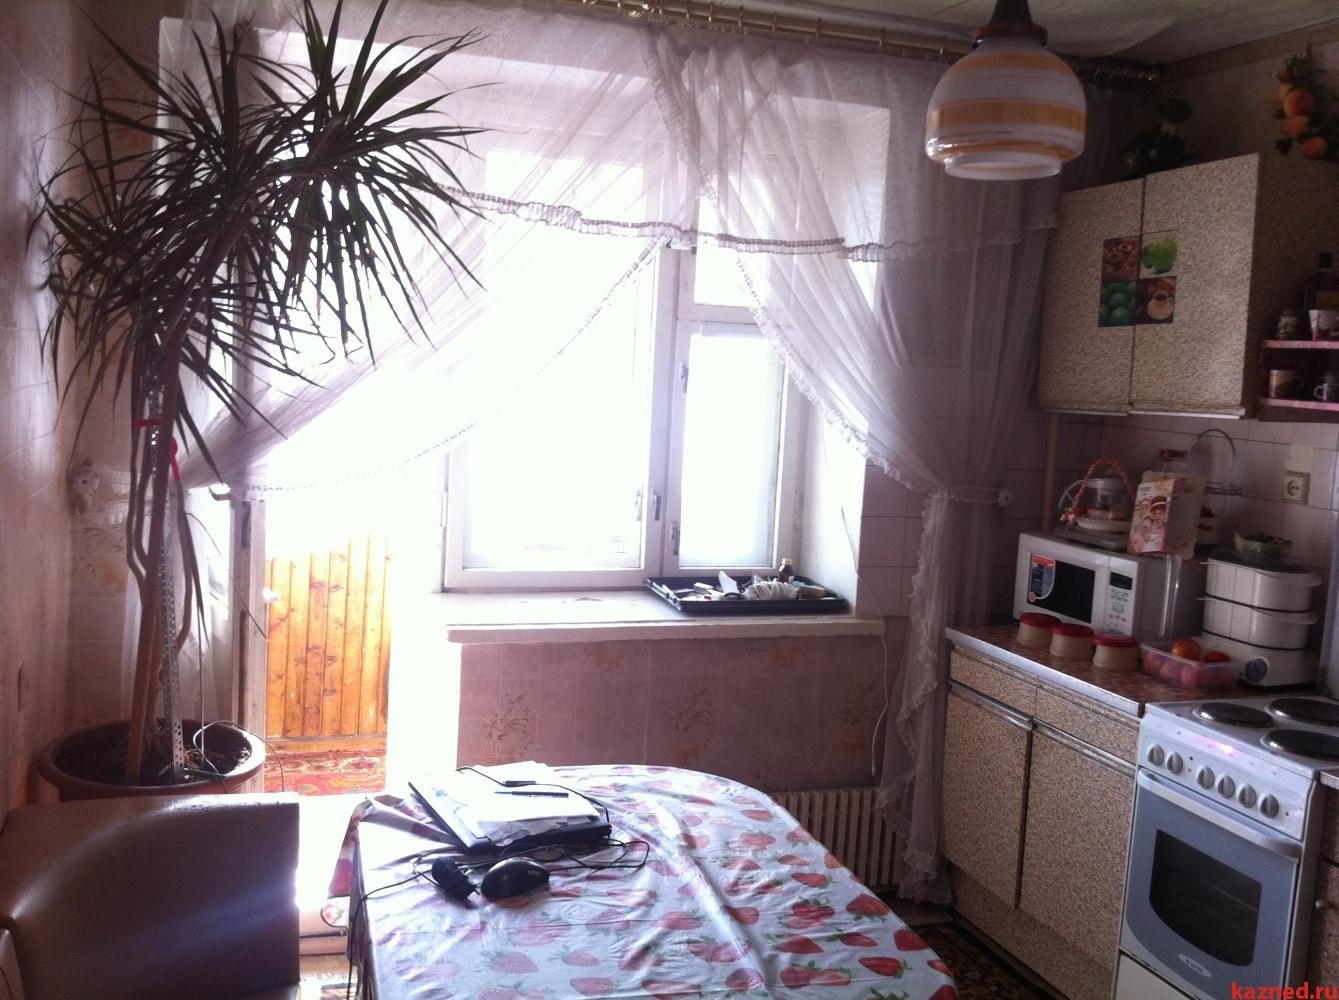 Продажа 1-к квартиры Гаврилова 18а, 44 м²  (миниатюра №4)